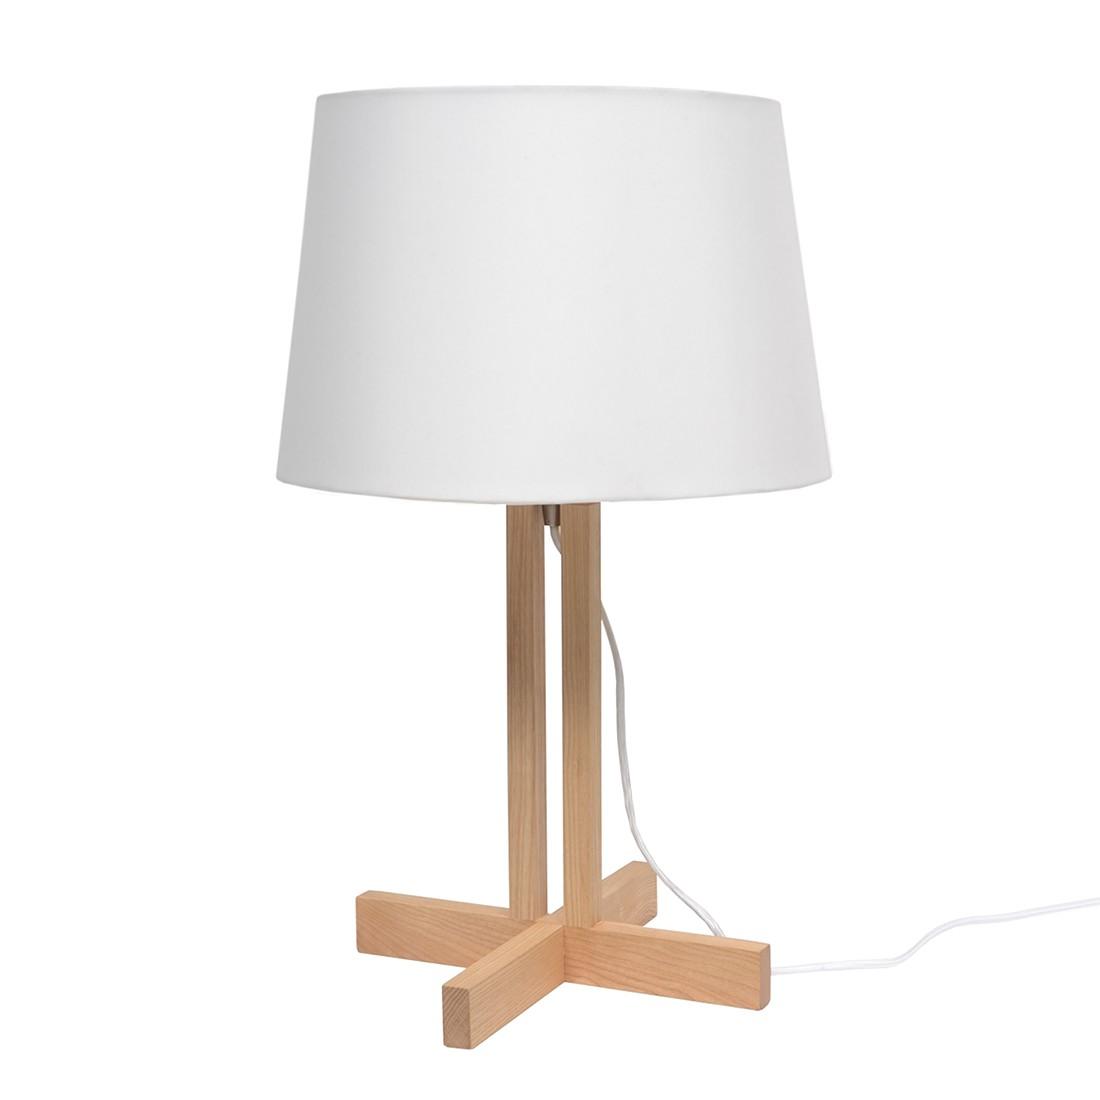 Tischleuchte Woody II ● Esche ● Weiß- Lux A++